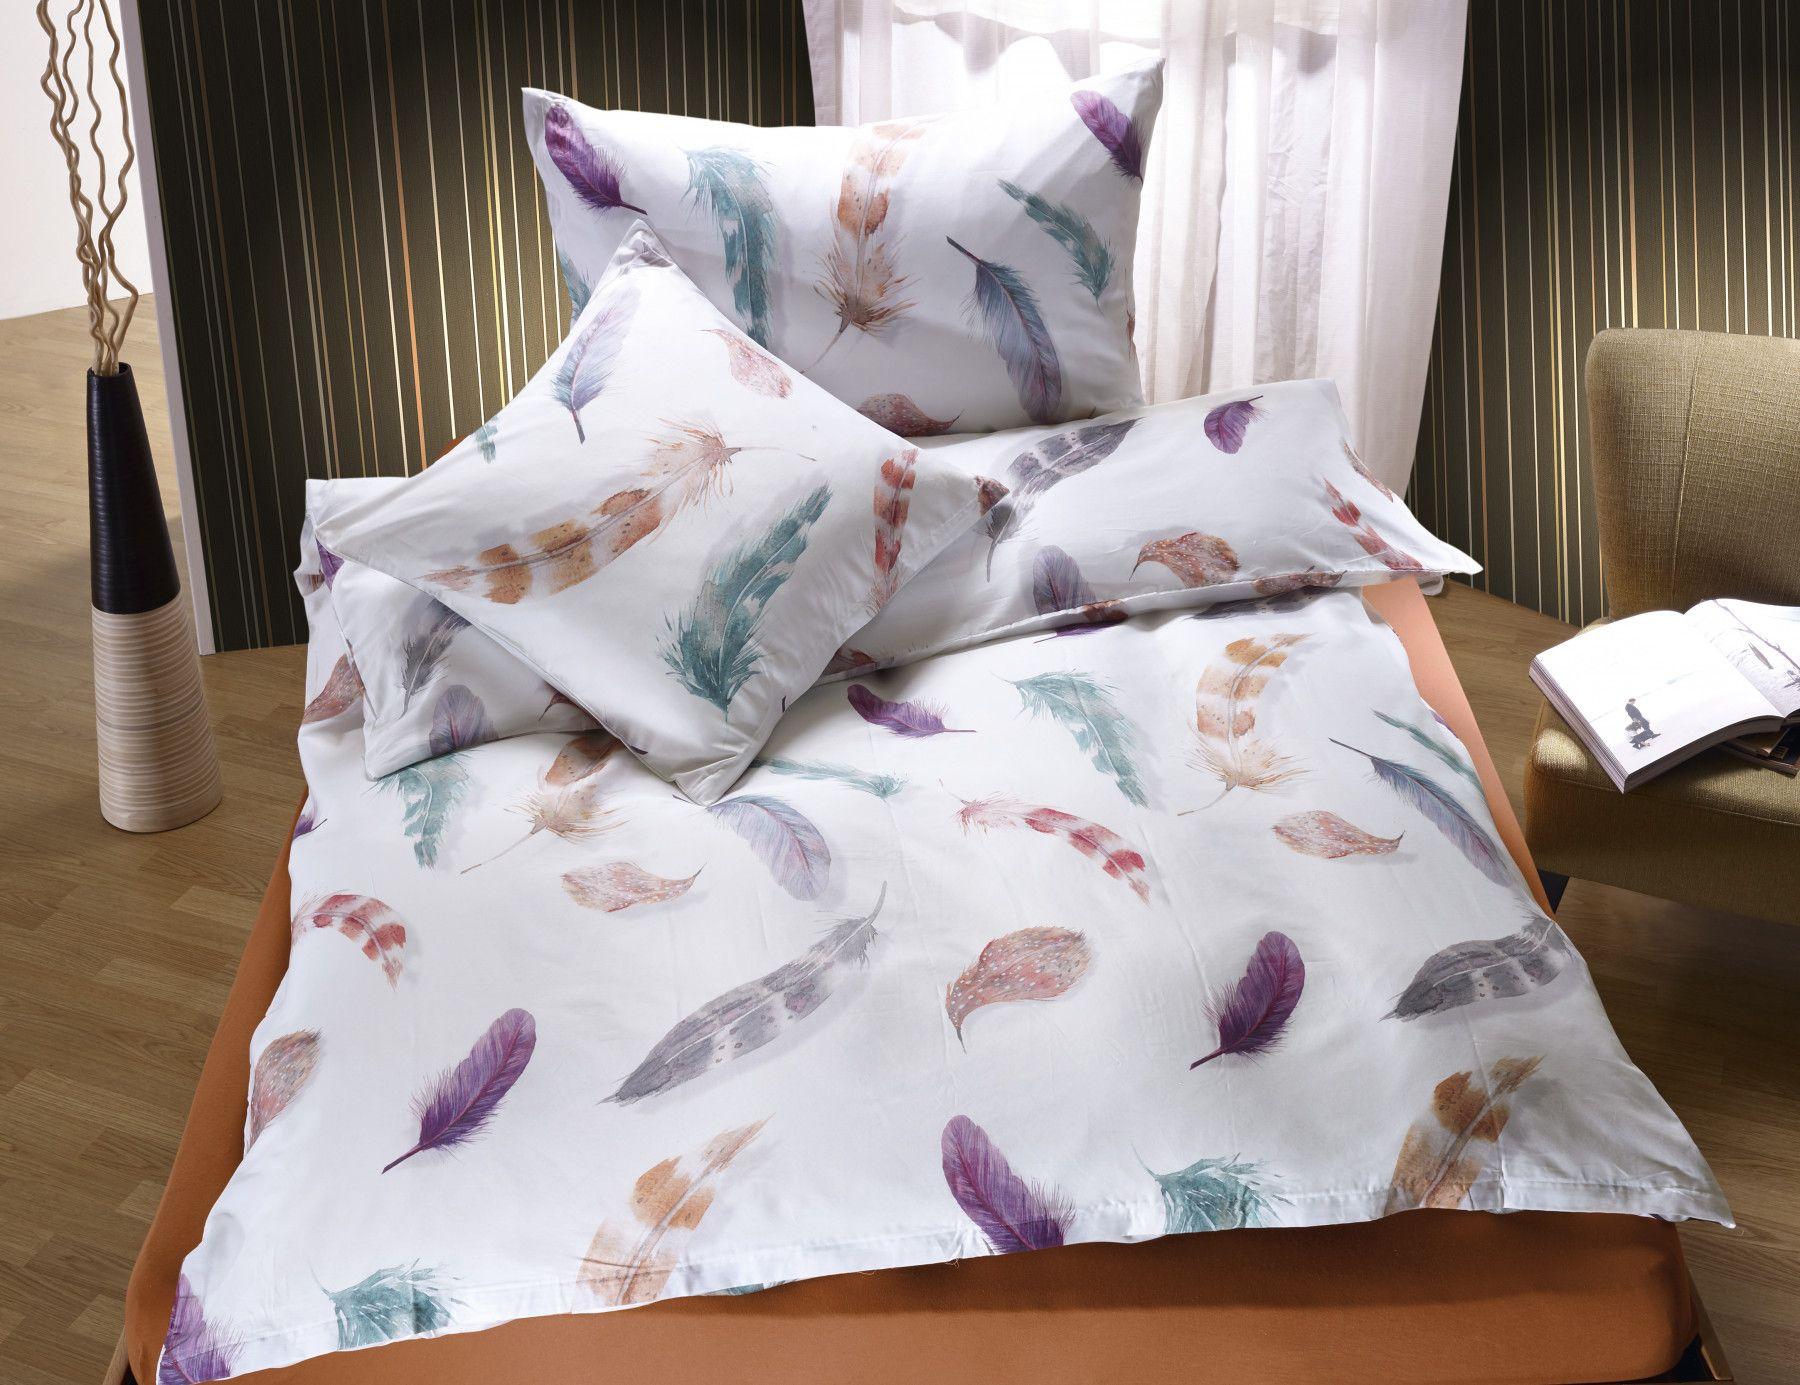 Bettwasche Mit Bunten Federn Bettwasche Schone Bettwasche Bett